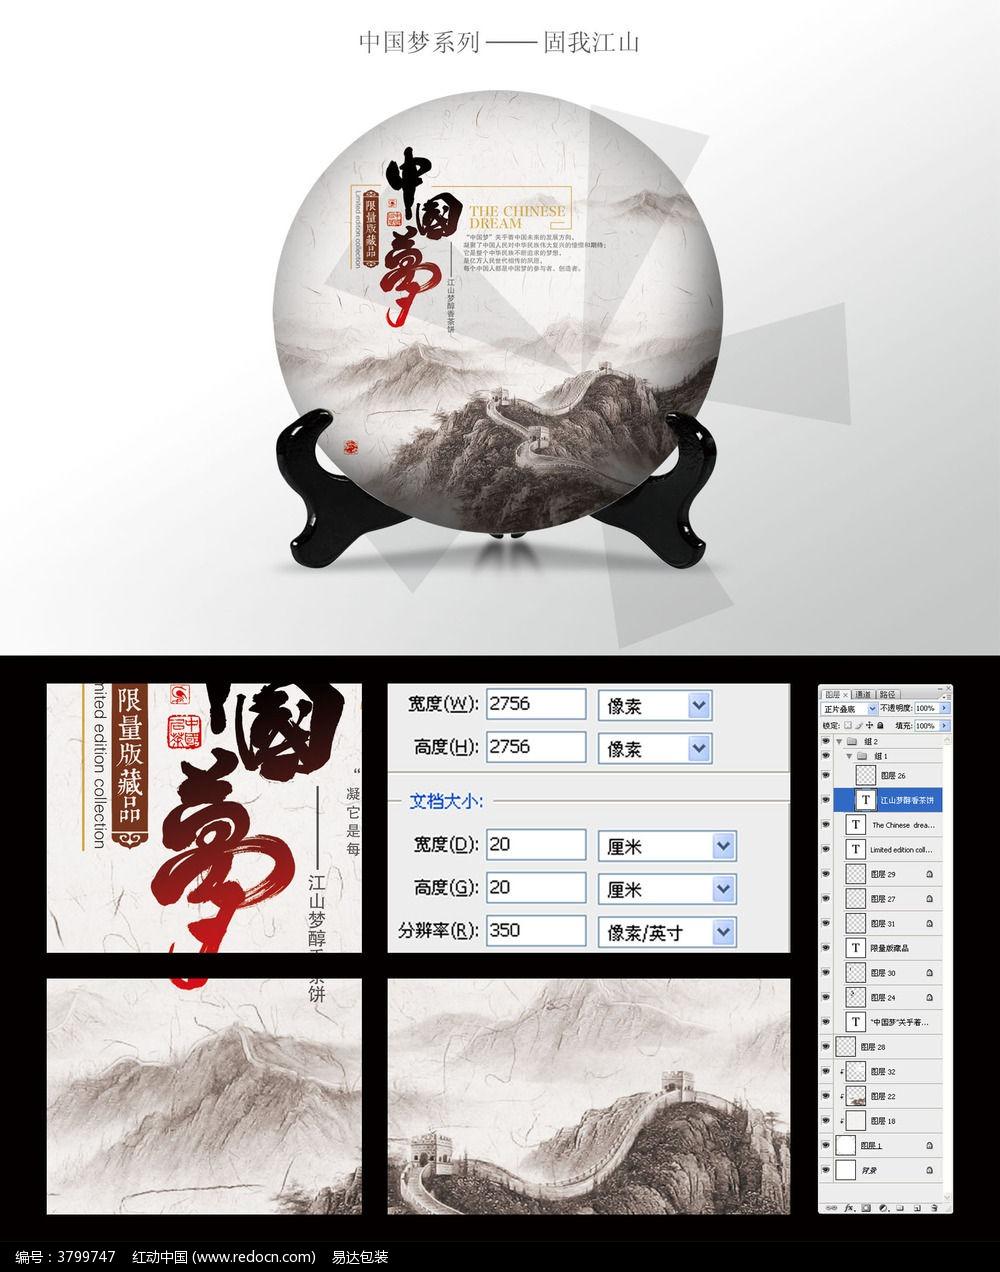 中国梦固我江山茶饼棉纸设计图片